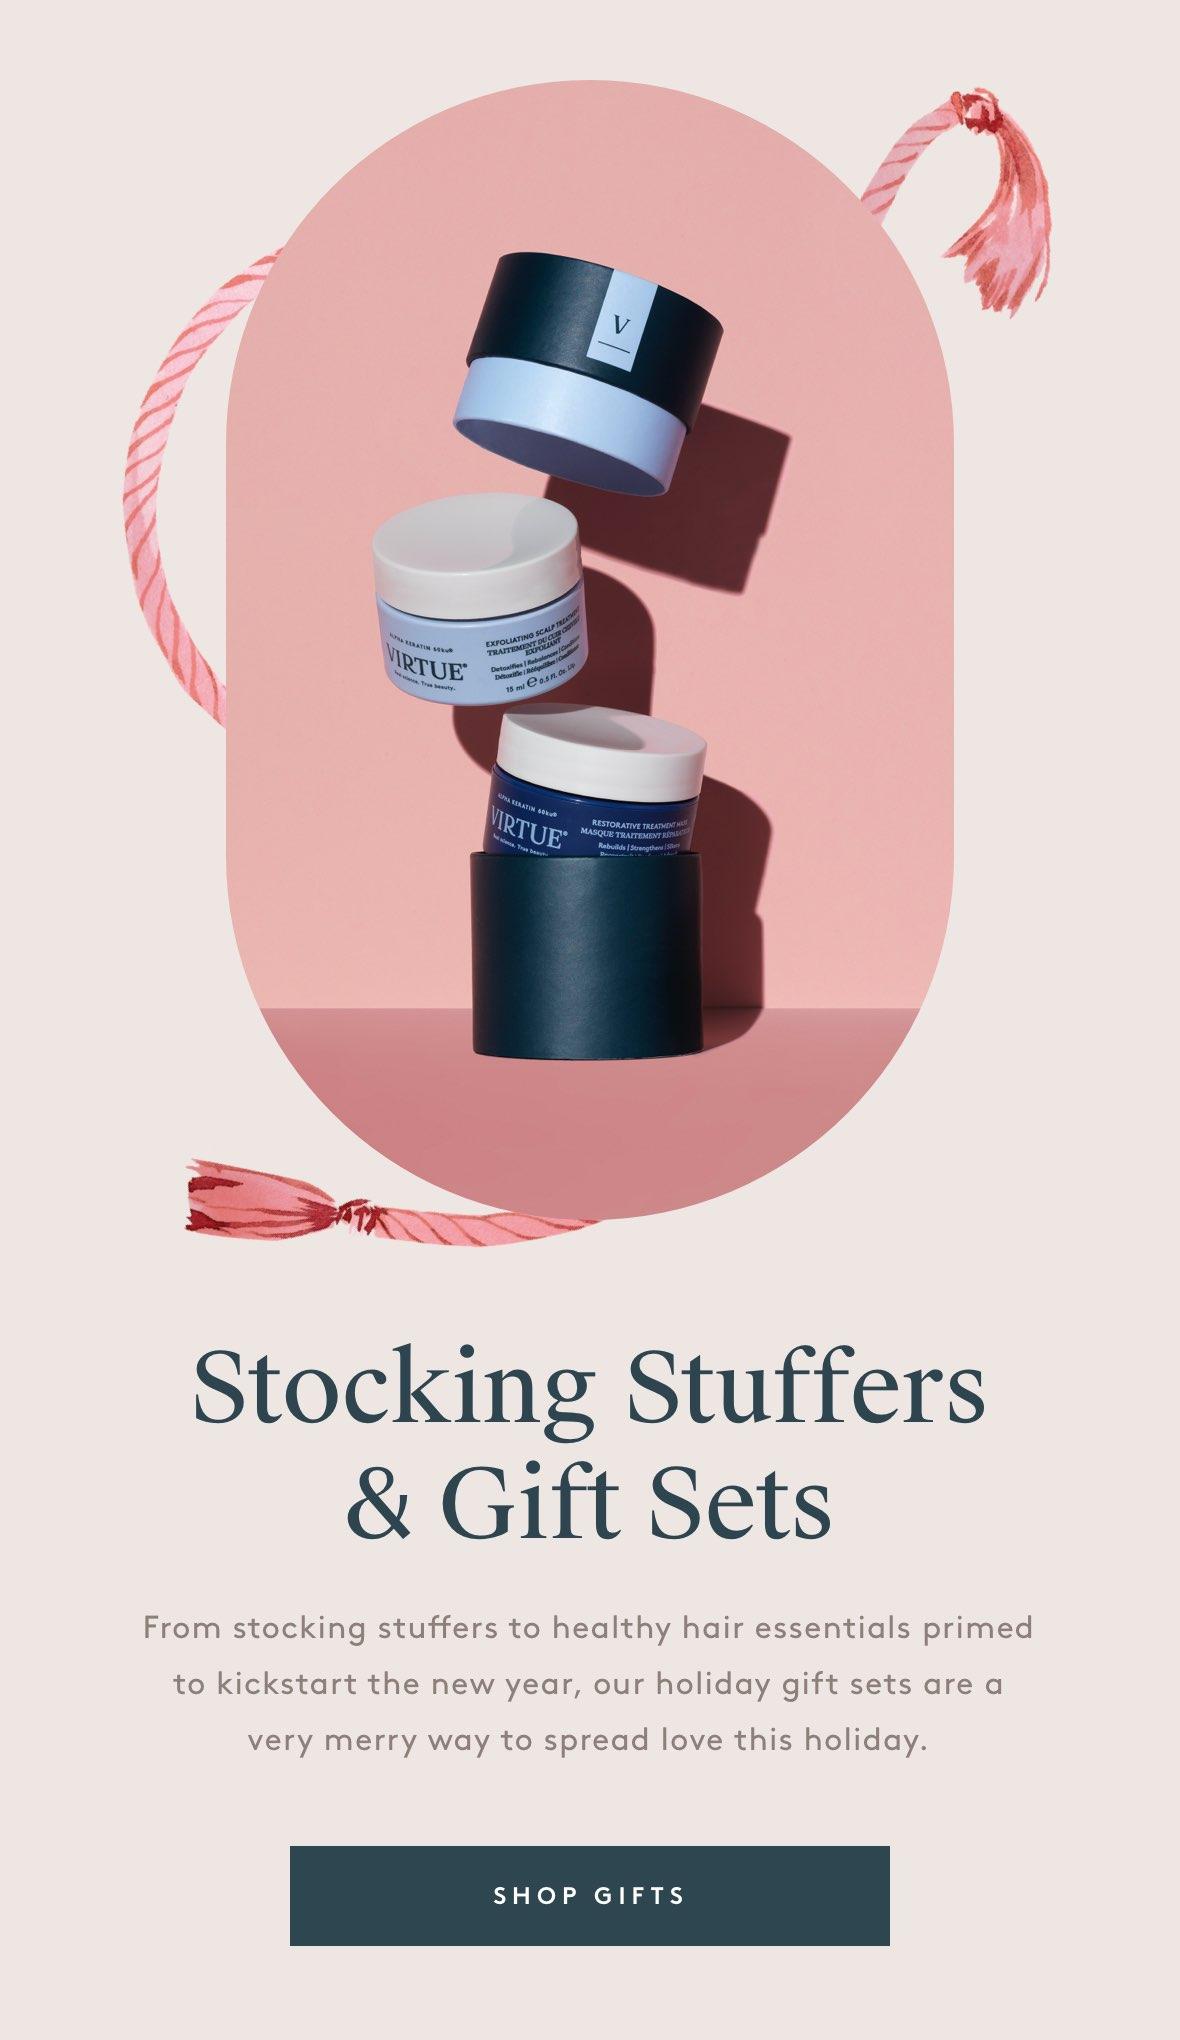 Stocking Stuffers & Gift Sets